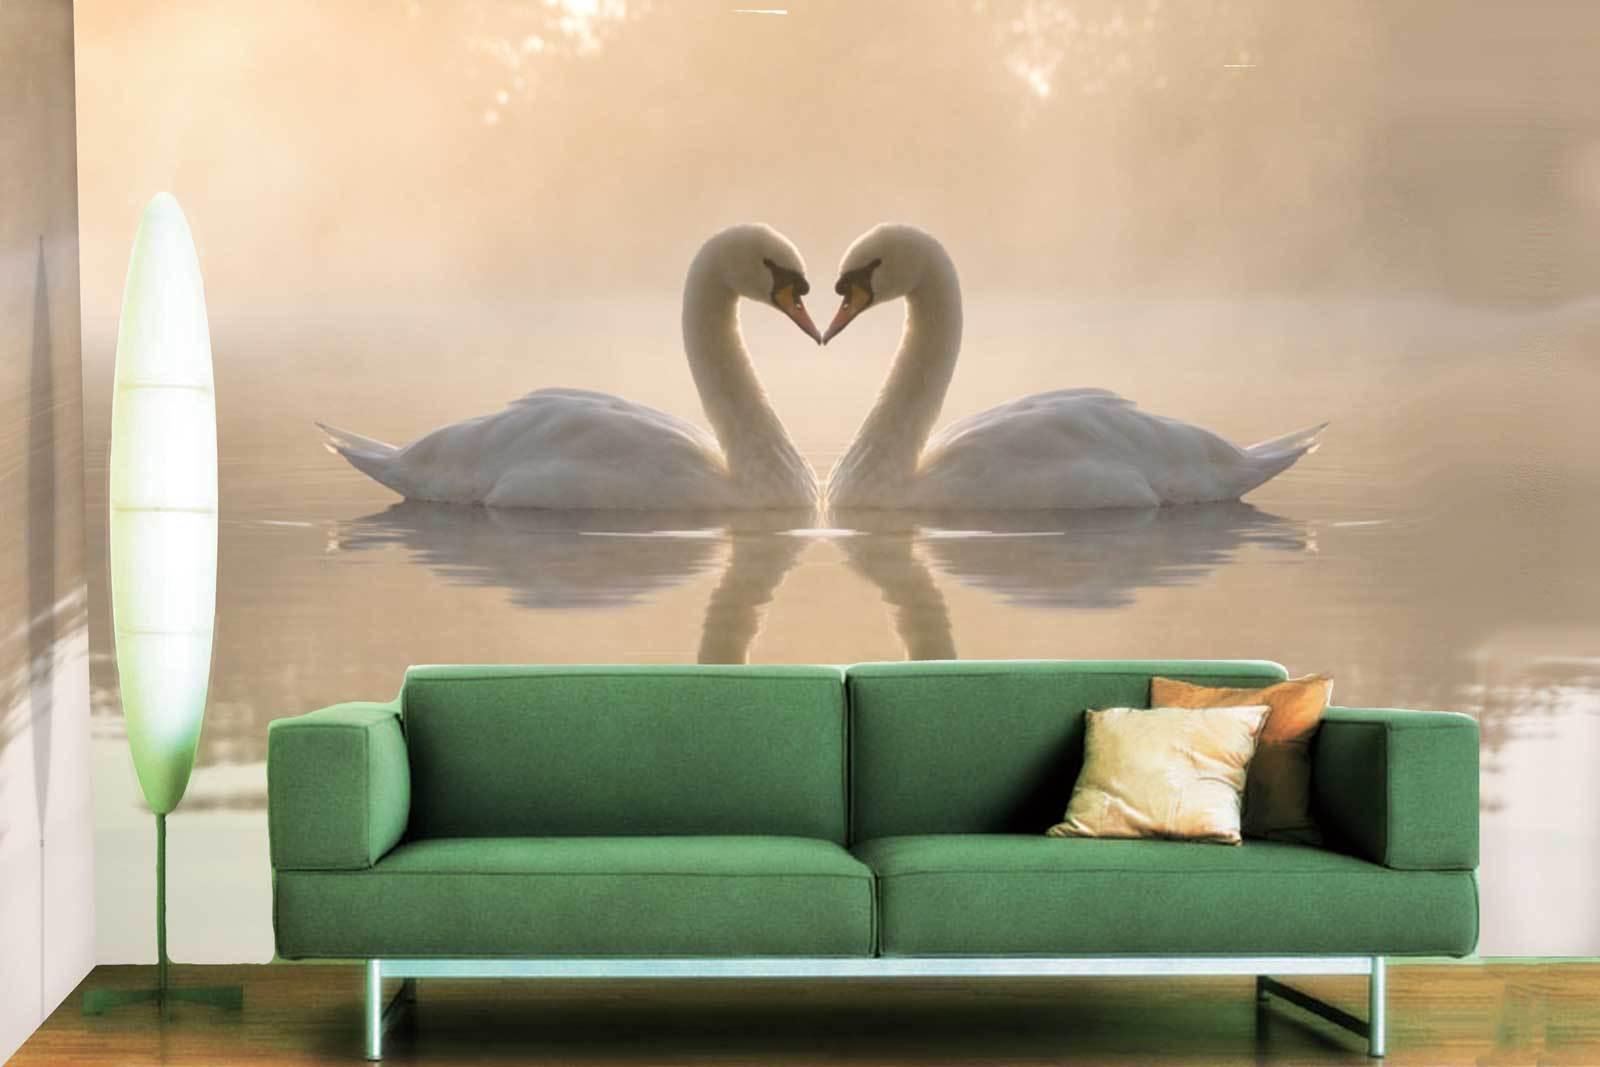 3D Weiß Swan 452 Wallpaper Murals Wall Print Wallpaper Mural AJ WALL UK Jenny